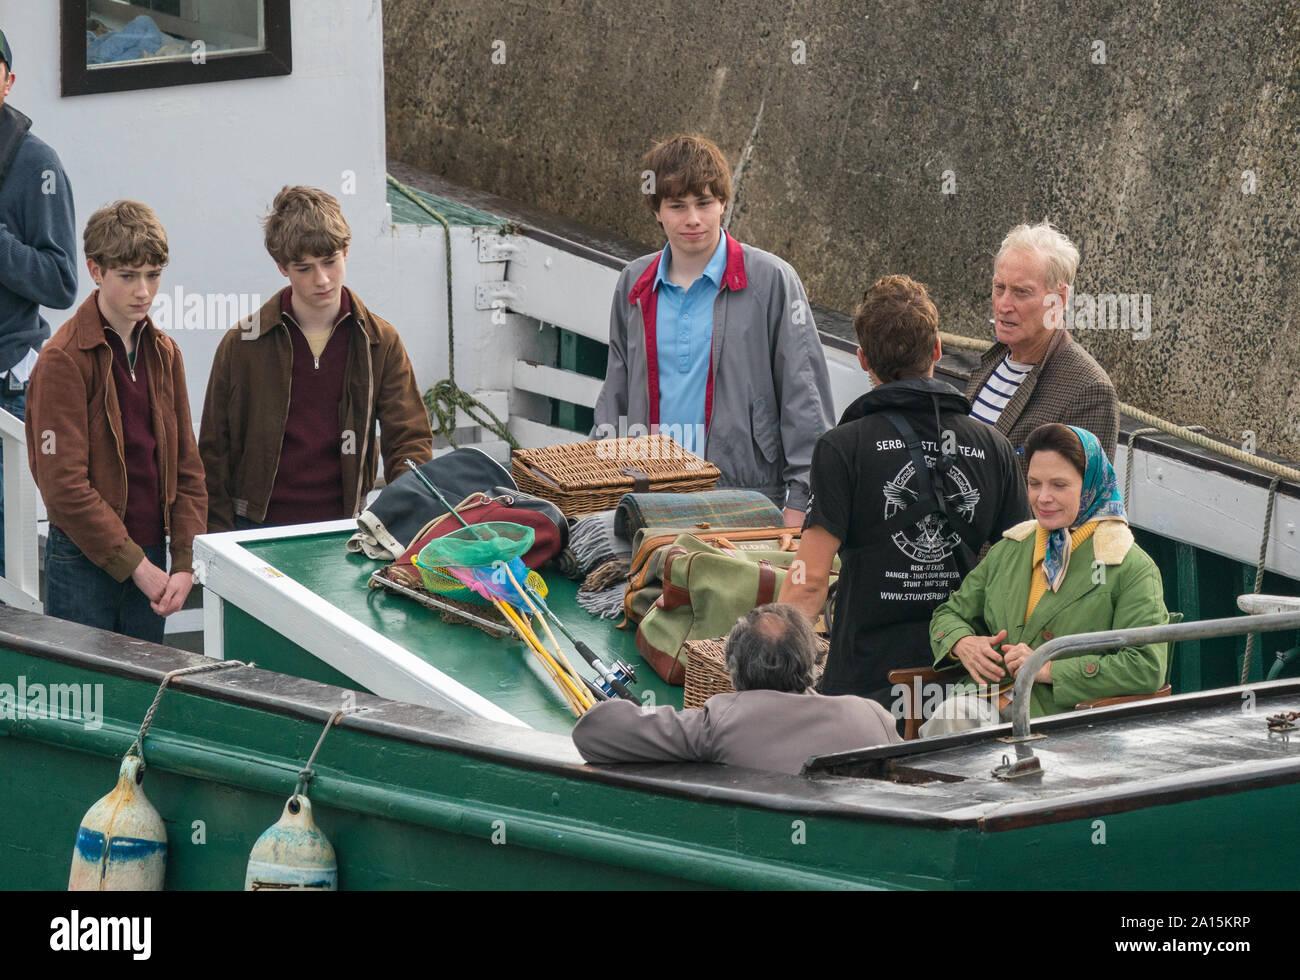 22 de septiembre de 2019. Keiss Harbour, Highlands, Escocia, Reino Unido. Esta es una escena de la filmación de la corona re el Lord Mountbatten asesinato en Irlanda. Foto de stock